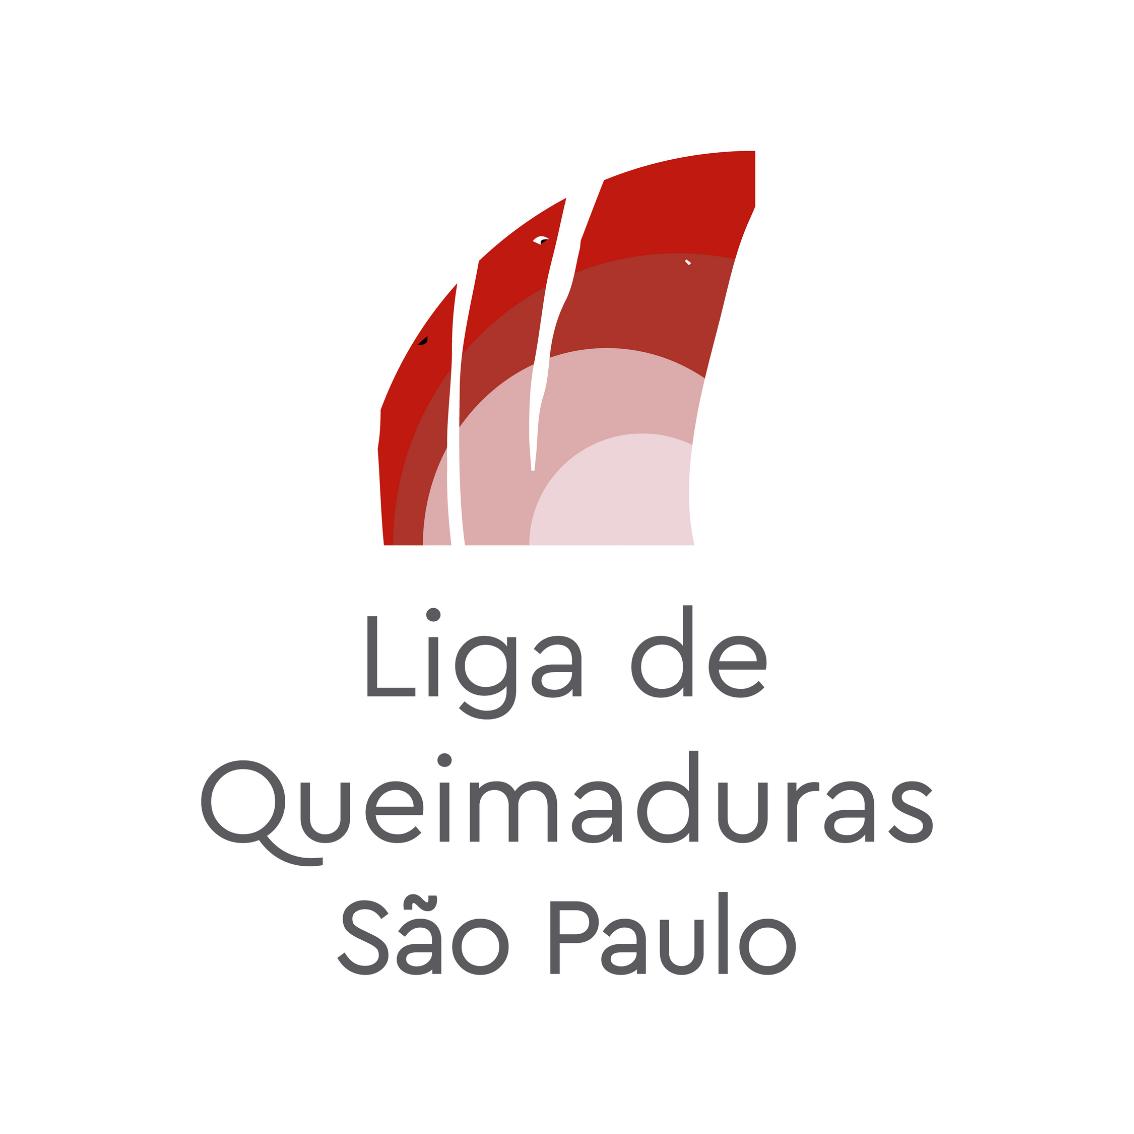 Liga de Queimaduras São Paulo